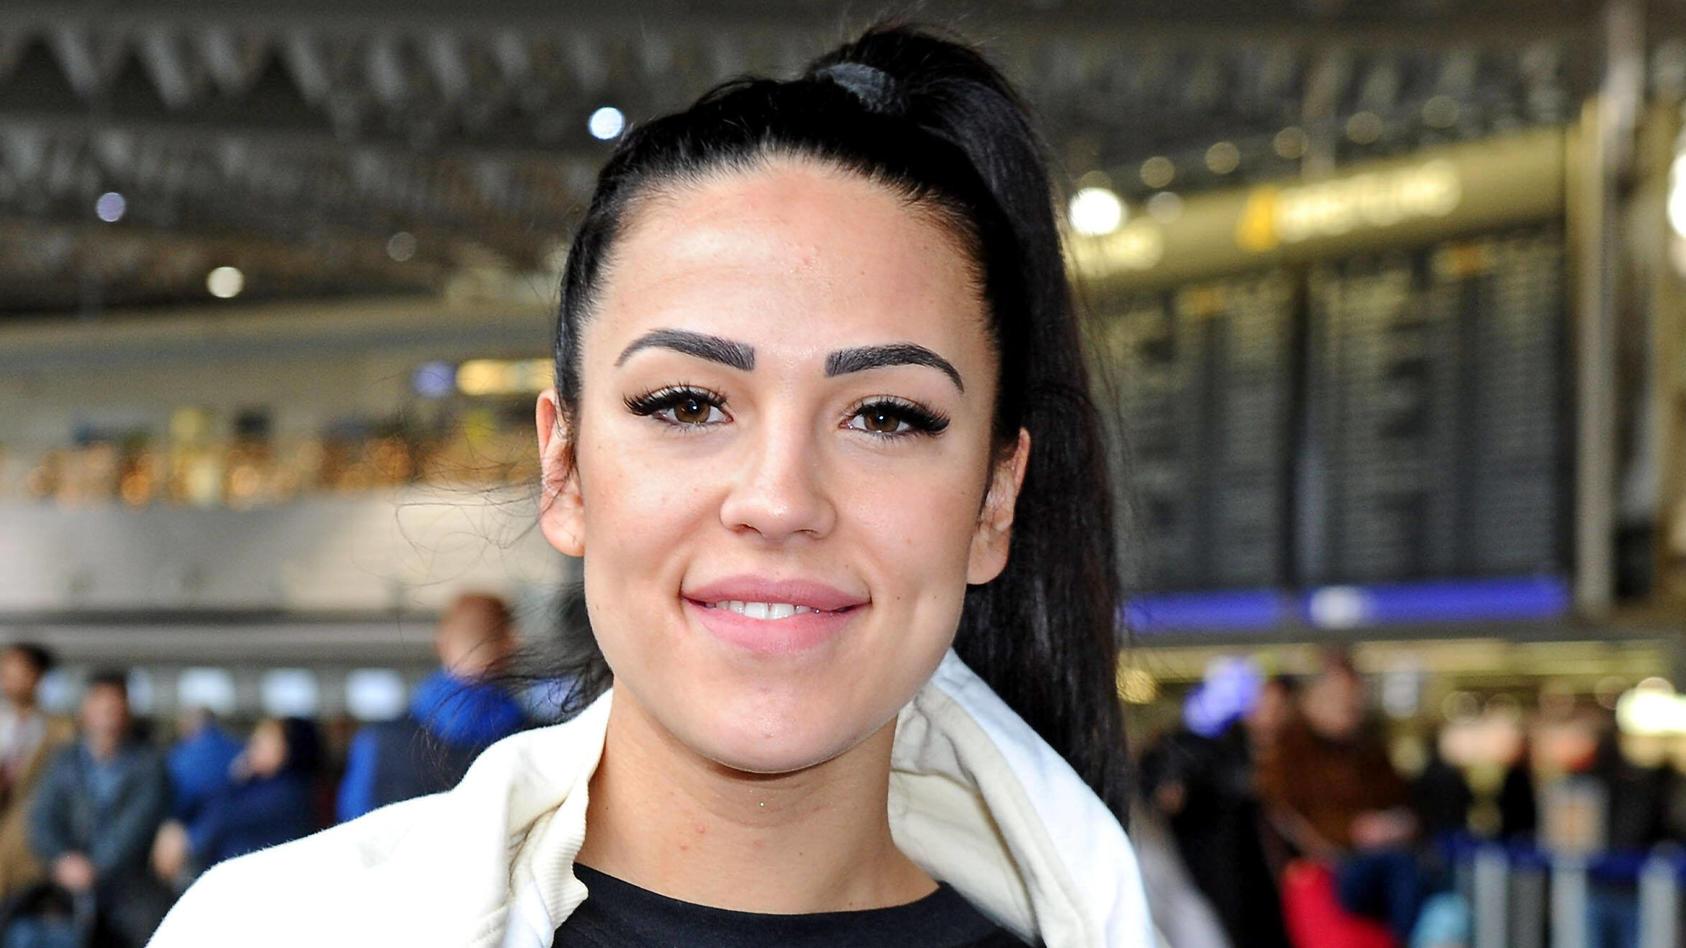 Elena Miras und Xellen7 sind im gemeinsamen Dubai-Urlaub.